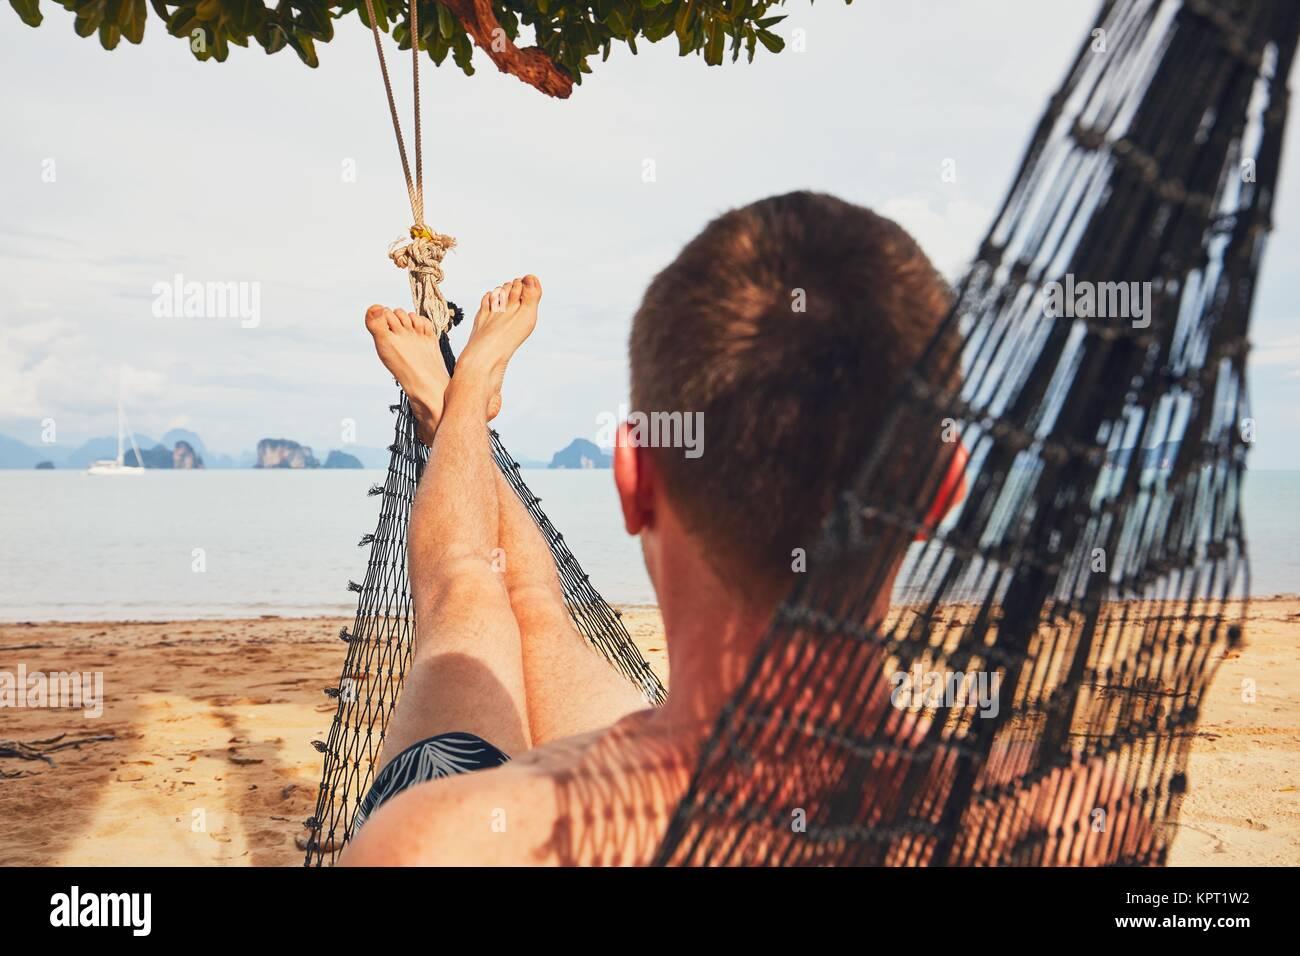 Giovane uomo (turistico) rilassante nella amaca sulla spiaggia di sabbia - il fuoco selettivo sul piede. Isola Koh Immagini Stock